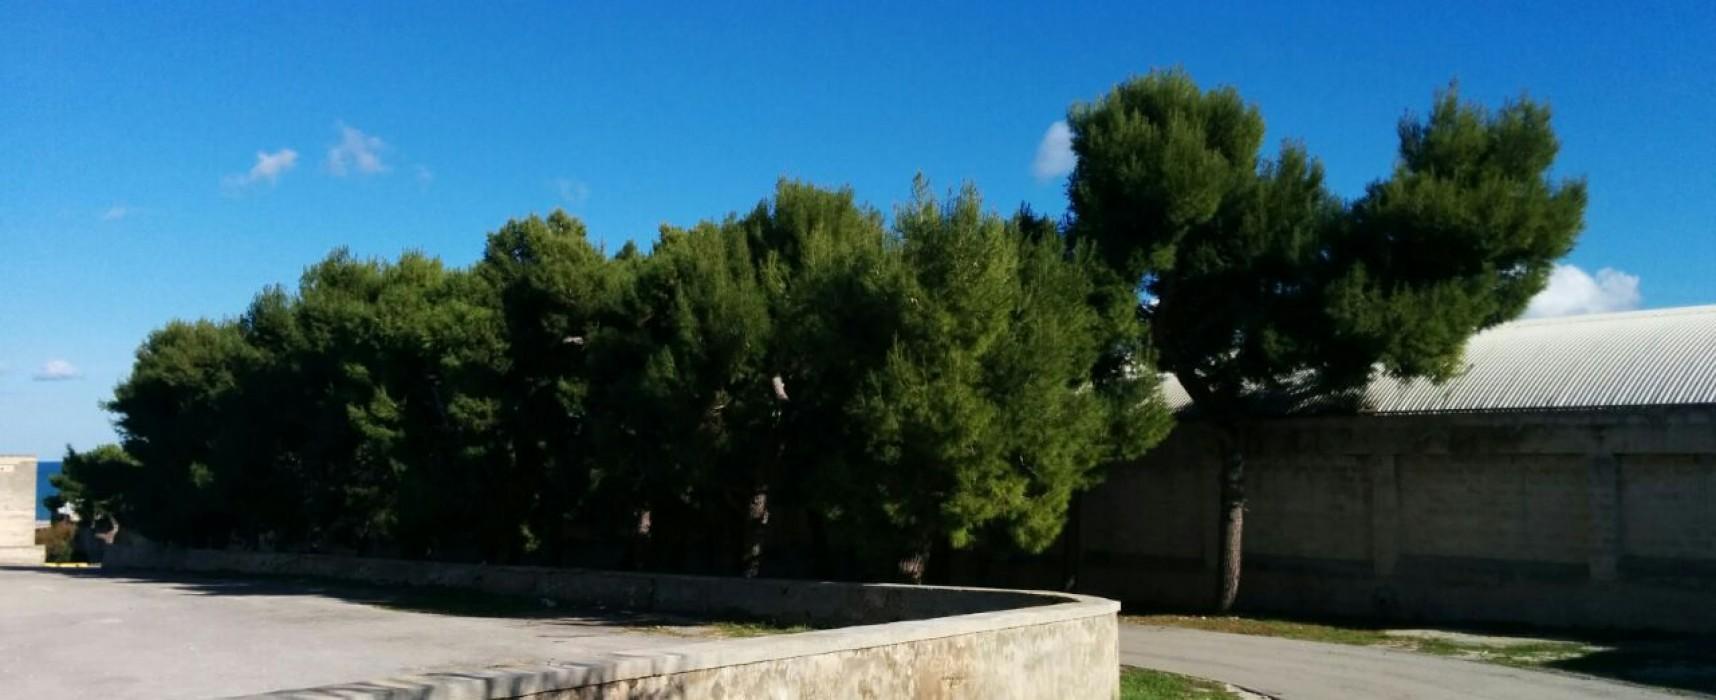 Lavori di somma urgenza aree parcheggio site sul lungomare Paternostro e viale Cimitero